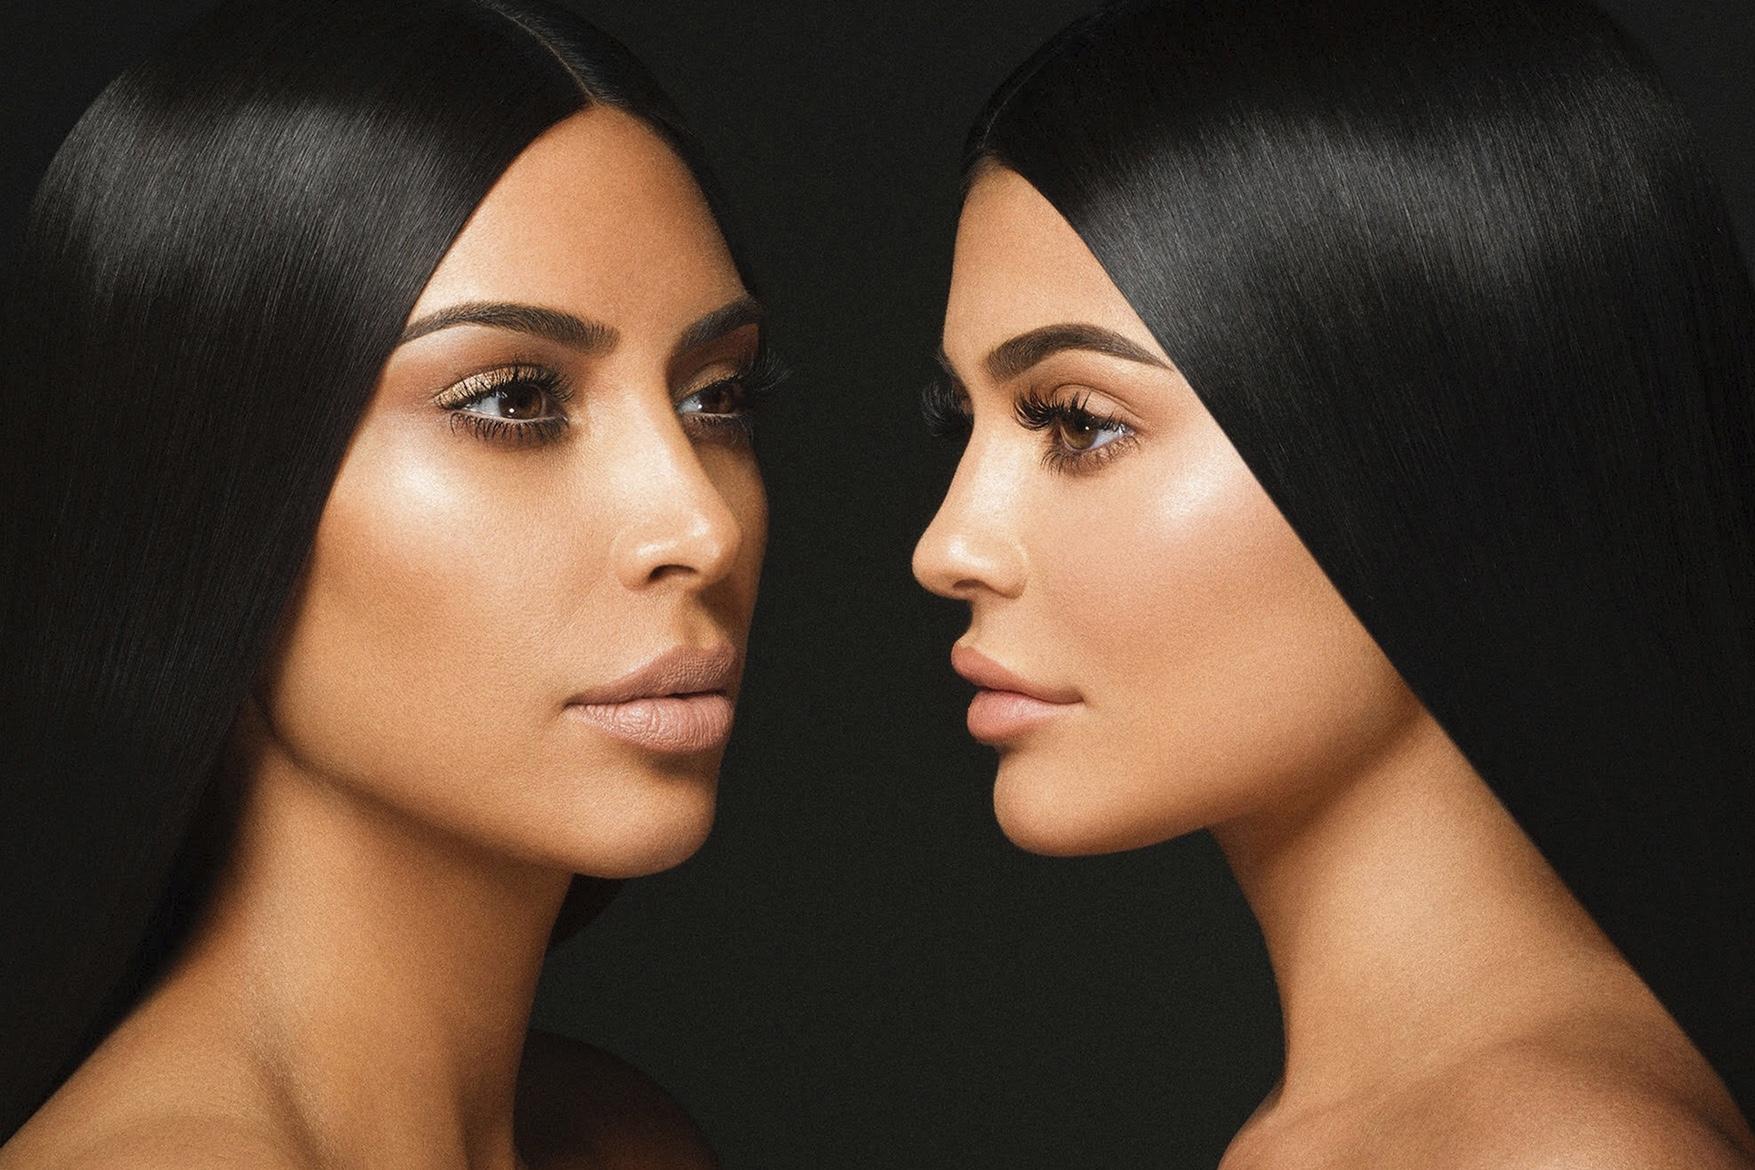 ¿Por qué están comparando el maquillaje de Kim Kardashian con el bacon?